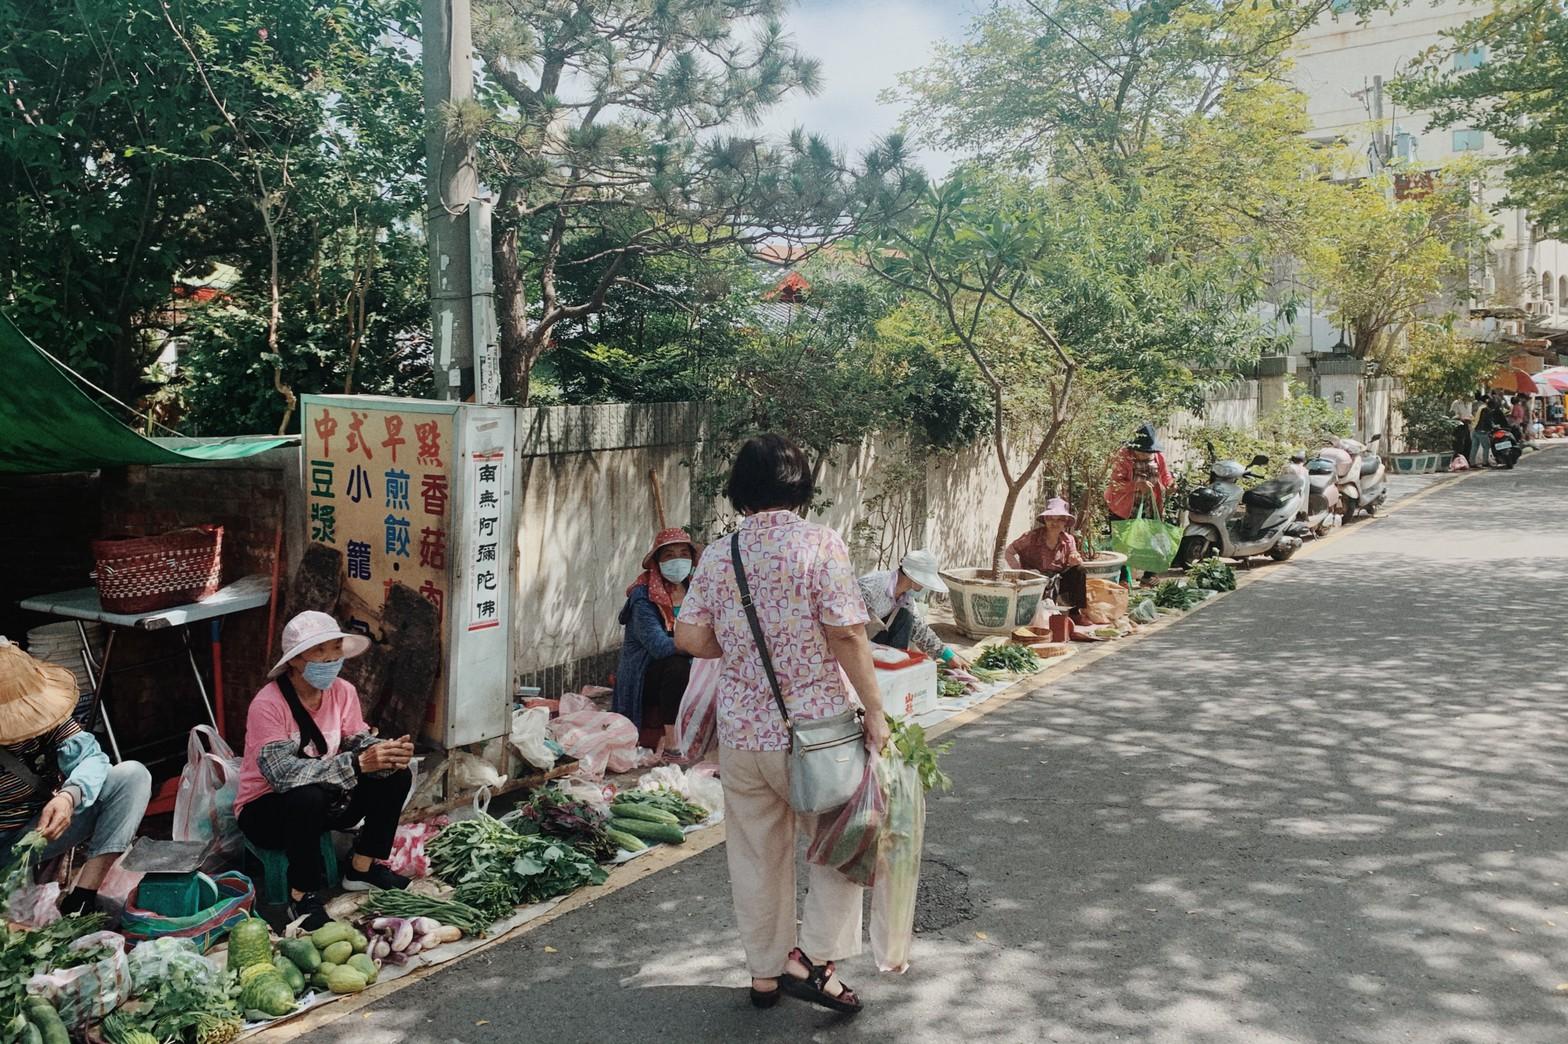 新竹小塹有約 特蒐4大路線,打破最難玩縣市印象,別再說新竹很無聊!